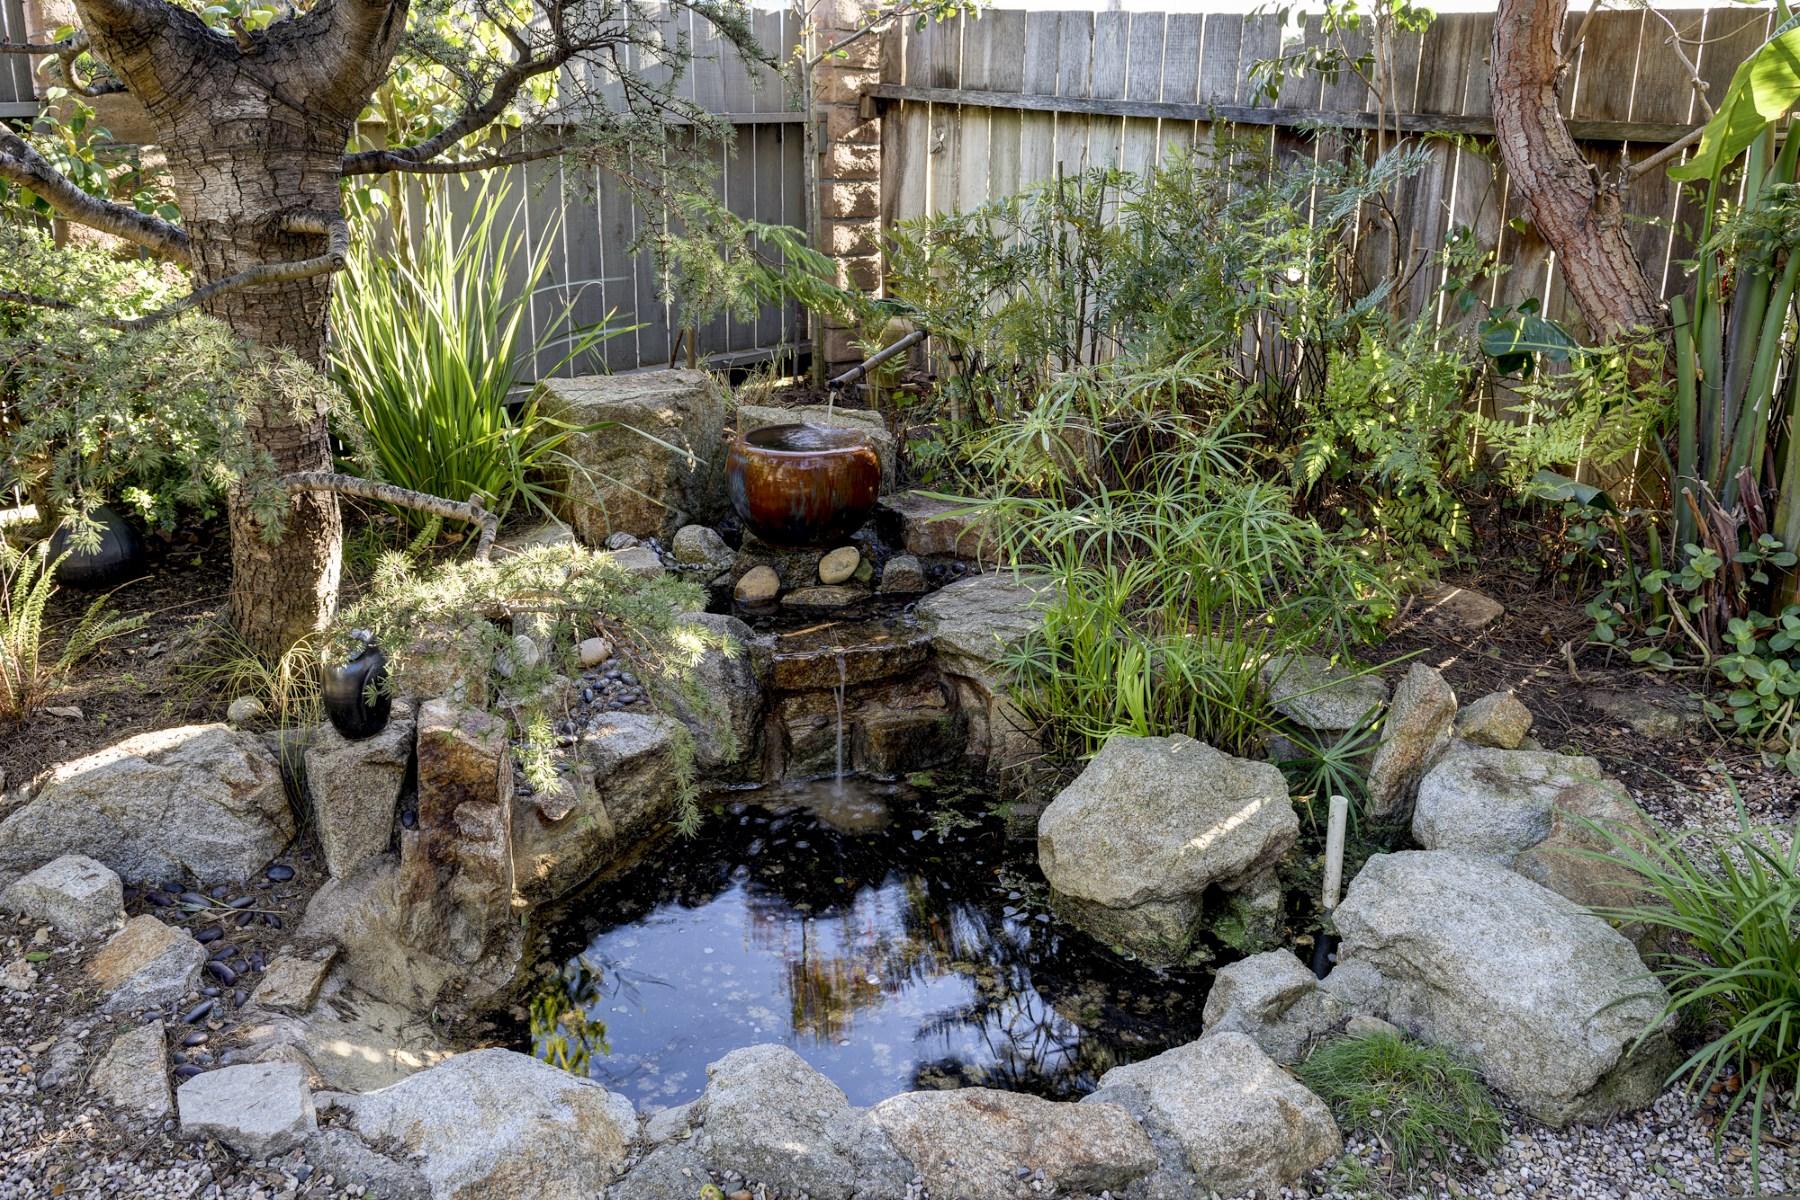 Maison unifamiliale pour l Vente à Private with Tropical Zen Gardens 327 Montecito Avenue Monterey, Californie 93940 États-Unis